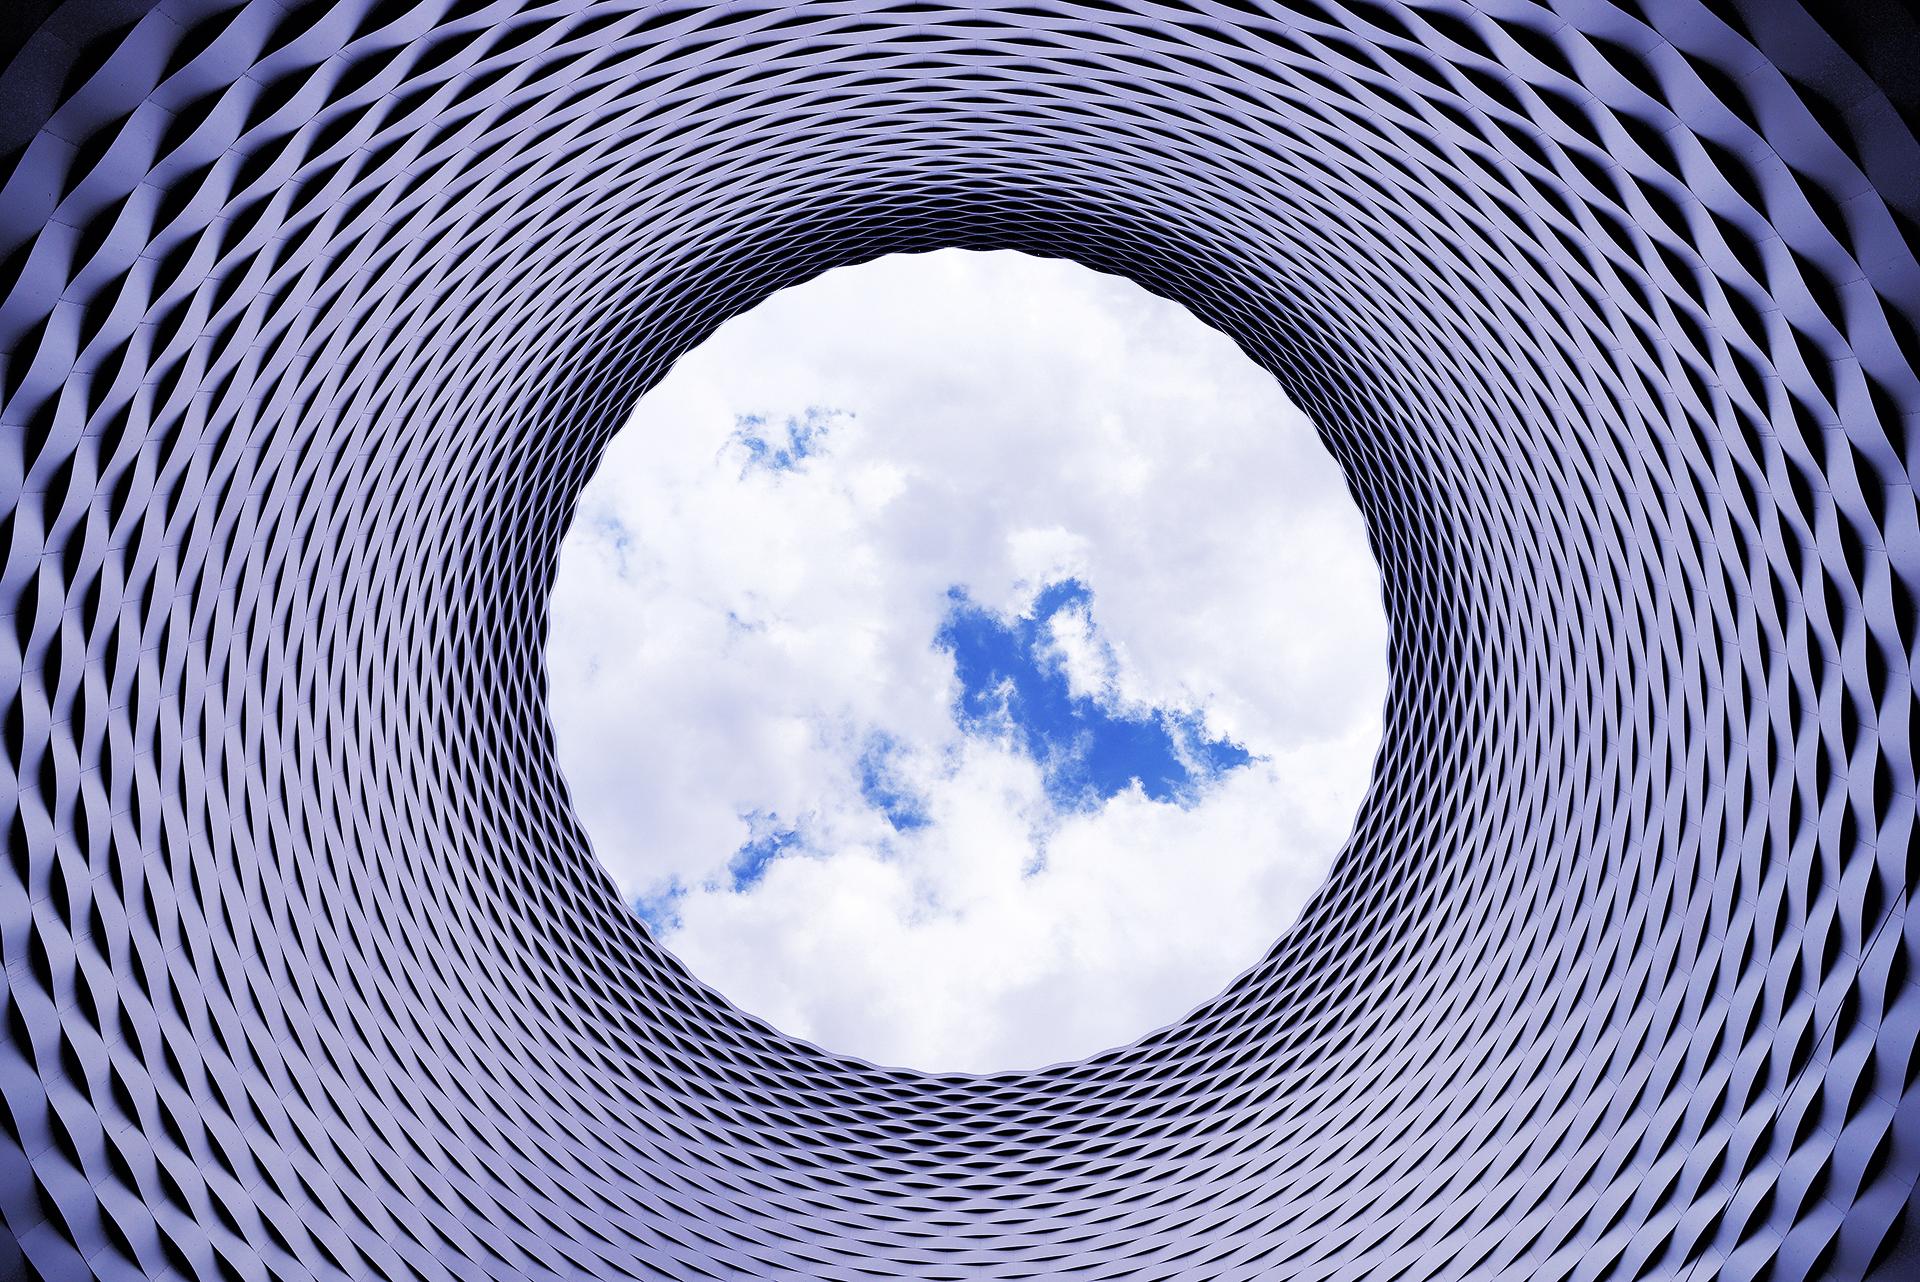 Segurança na hotelaria: por que uma solução Cloud é a melhor escolha?